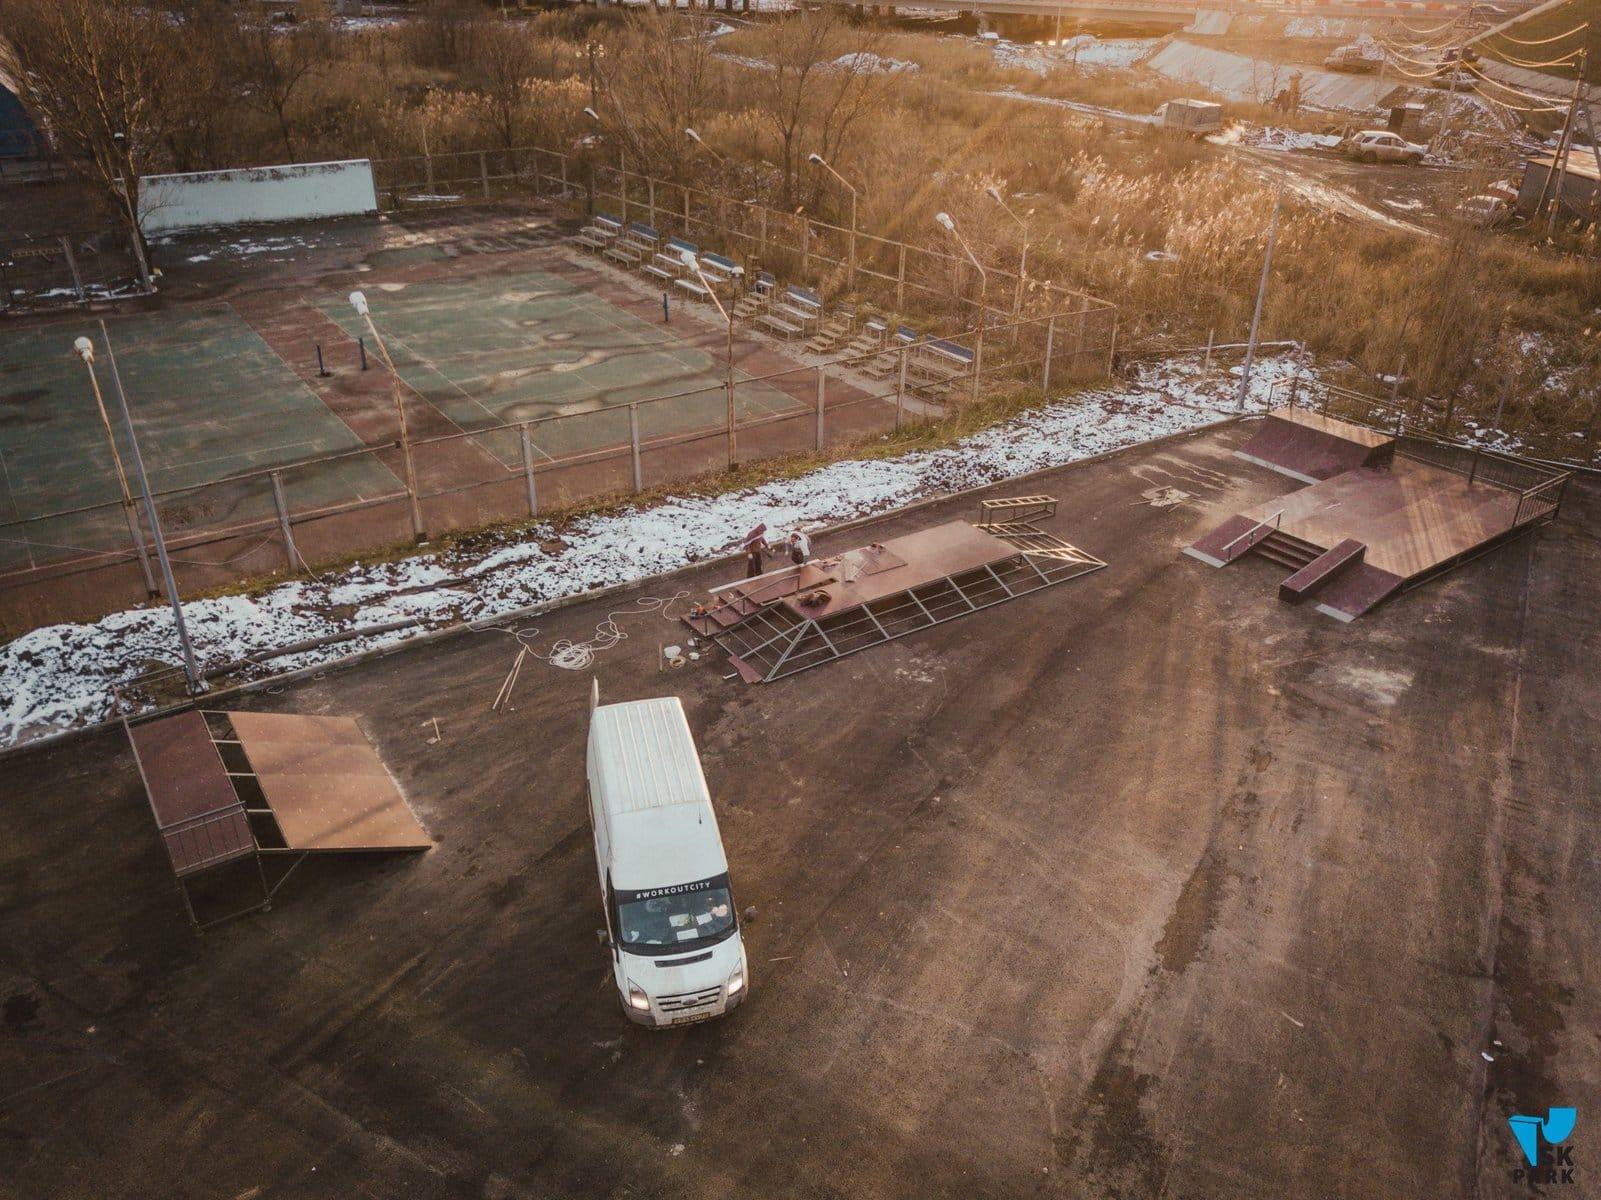 SK PARK начала монтаж скейтпарка в г. Ростове-на-Дону